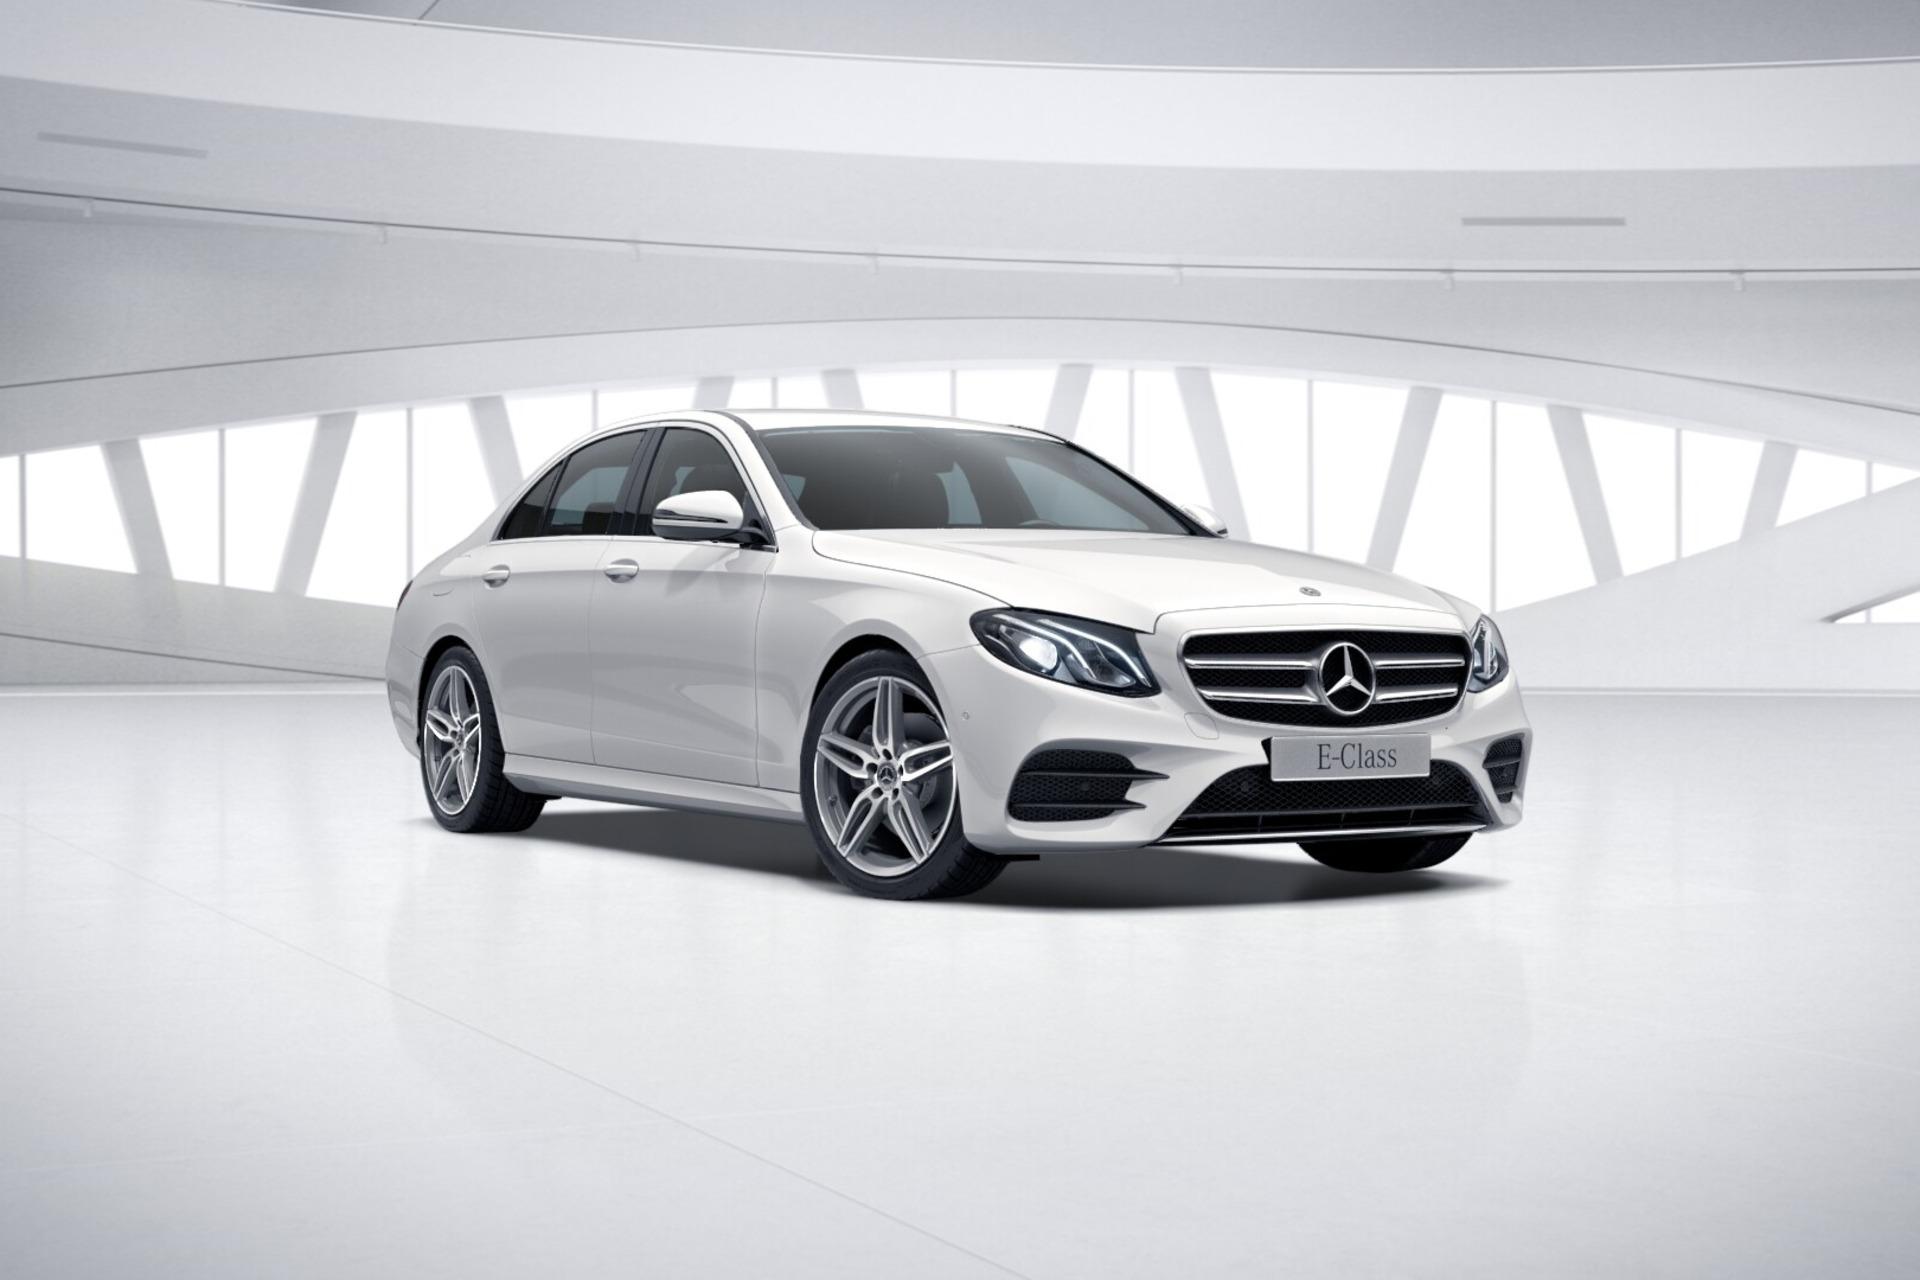 Mercedes-Benz E 180 952611380